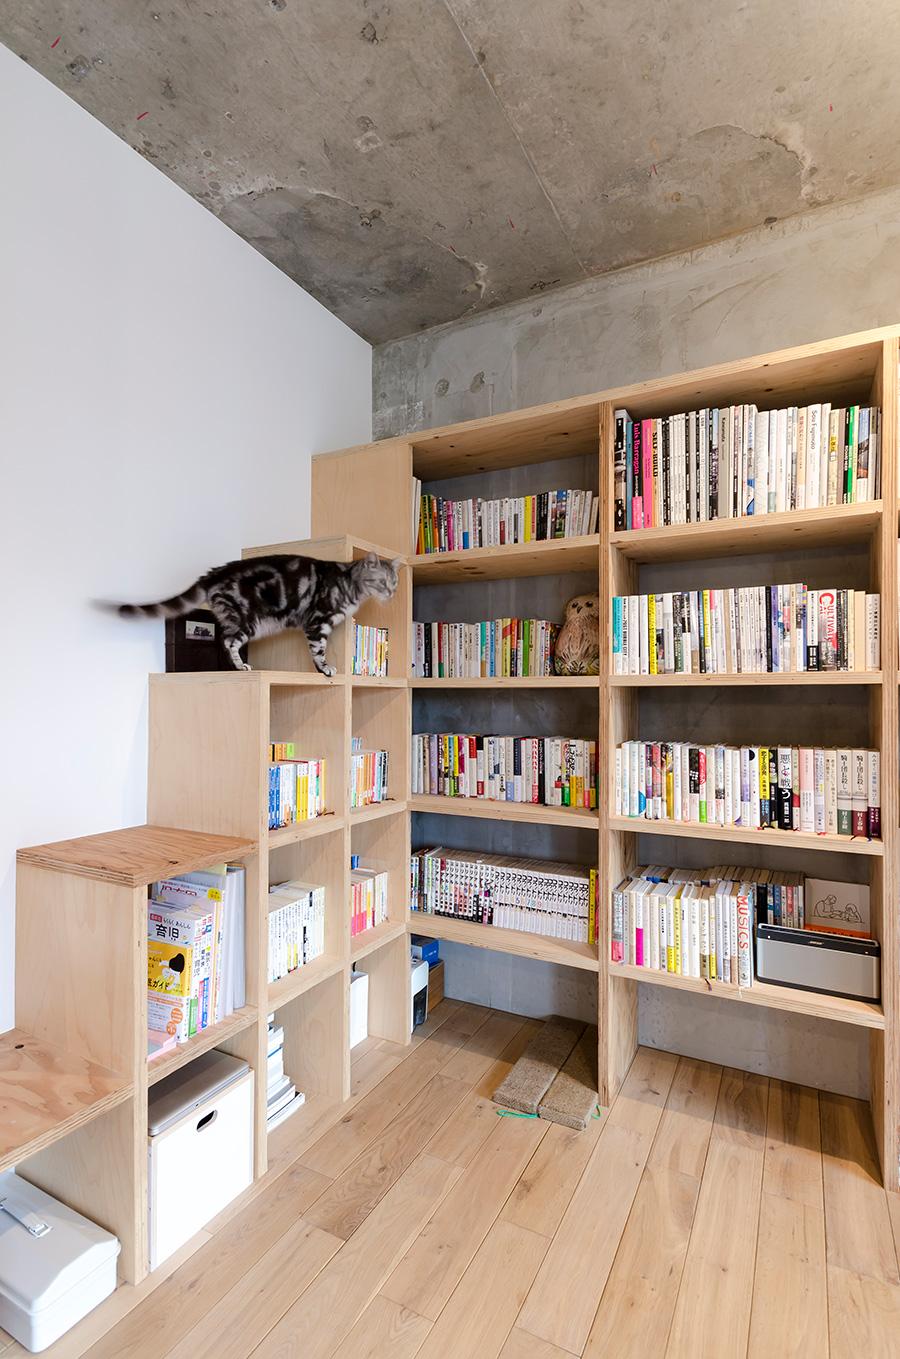 段差のある本棚はキャットウォークの役割も兼ねる。